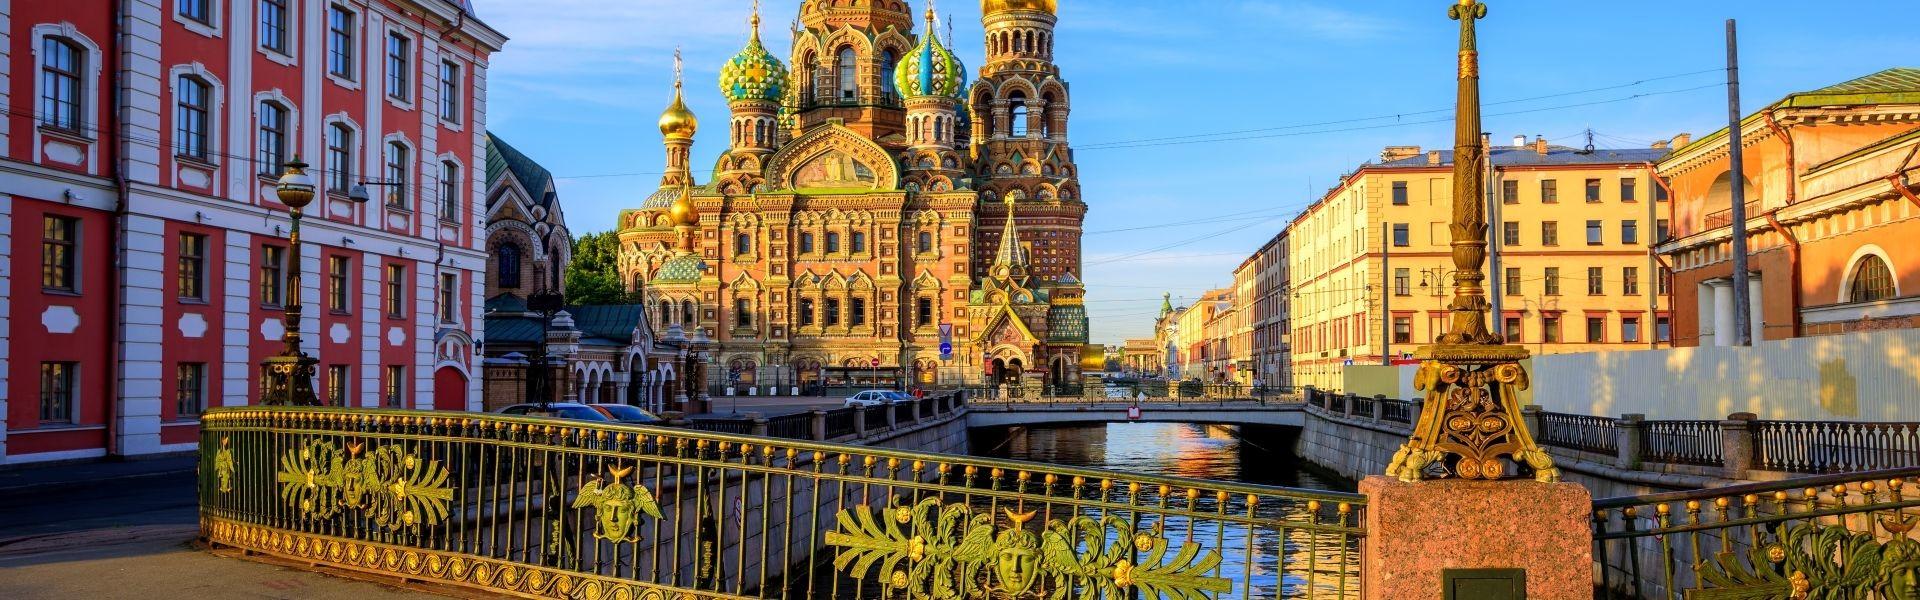 تور سن پترزبورگ + مسکو 17 خرداد 98 (شب های سفید)